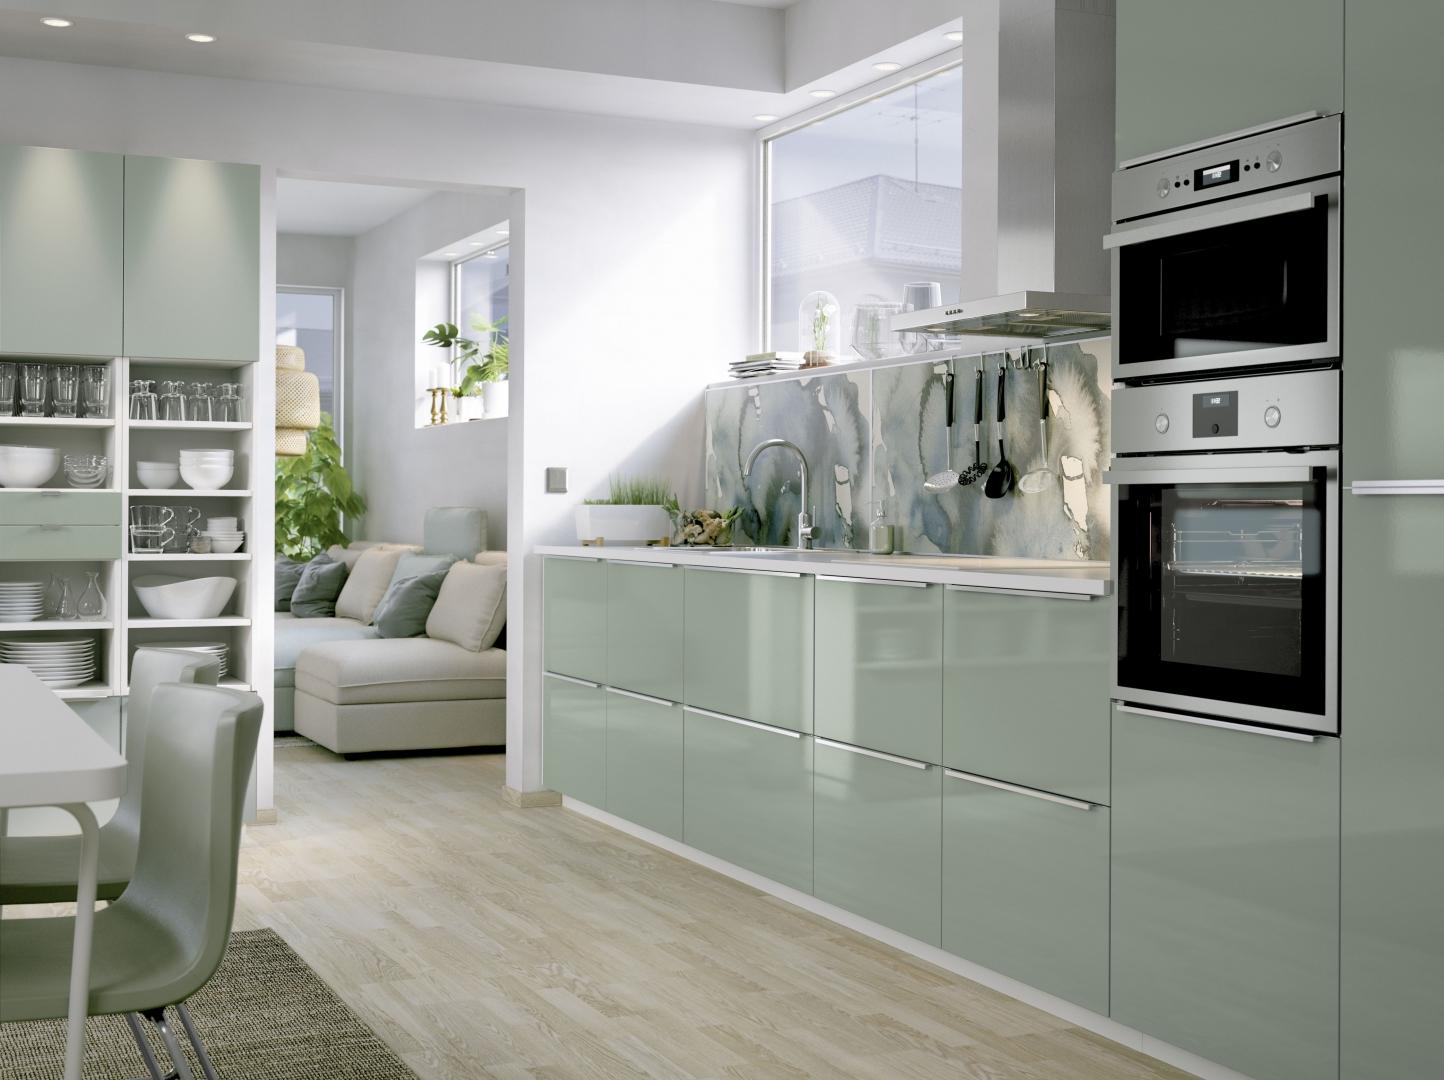 Keuken Grijs Ikea : Interieur Ikea lanceert design keuken met karakter ? Stijlvol